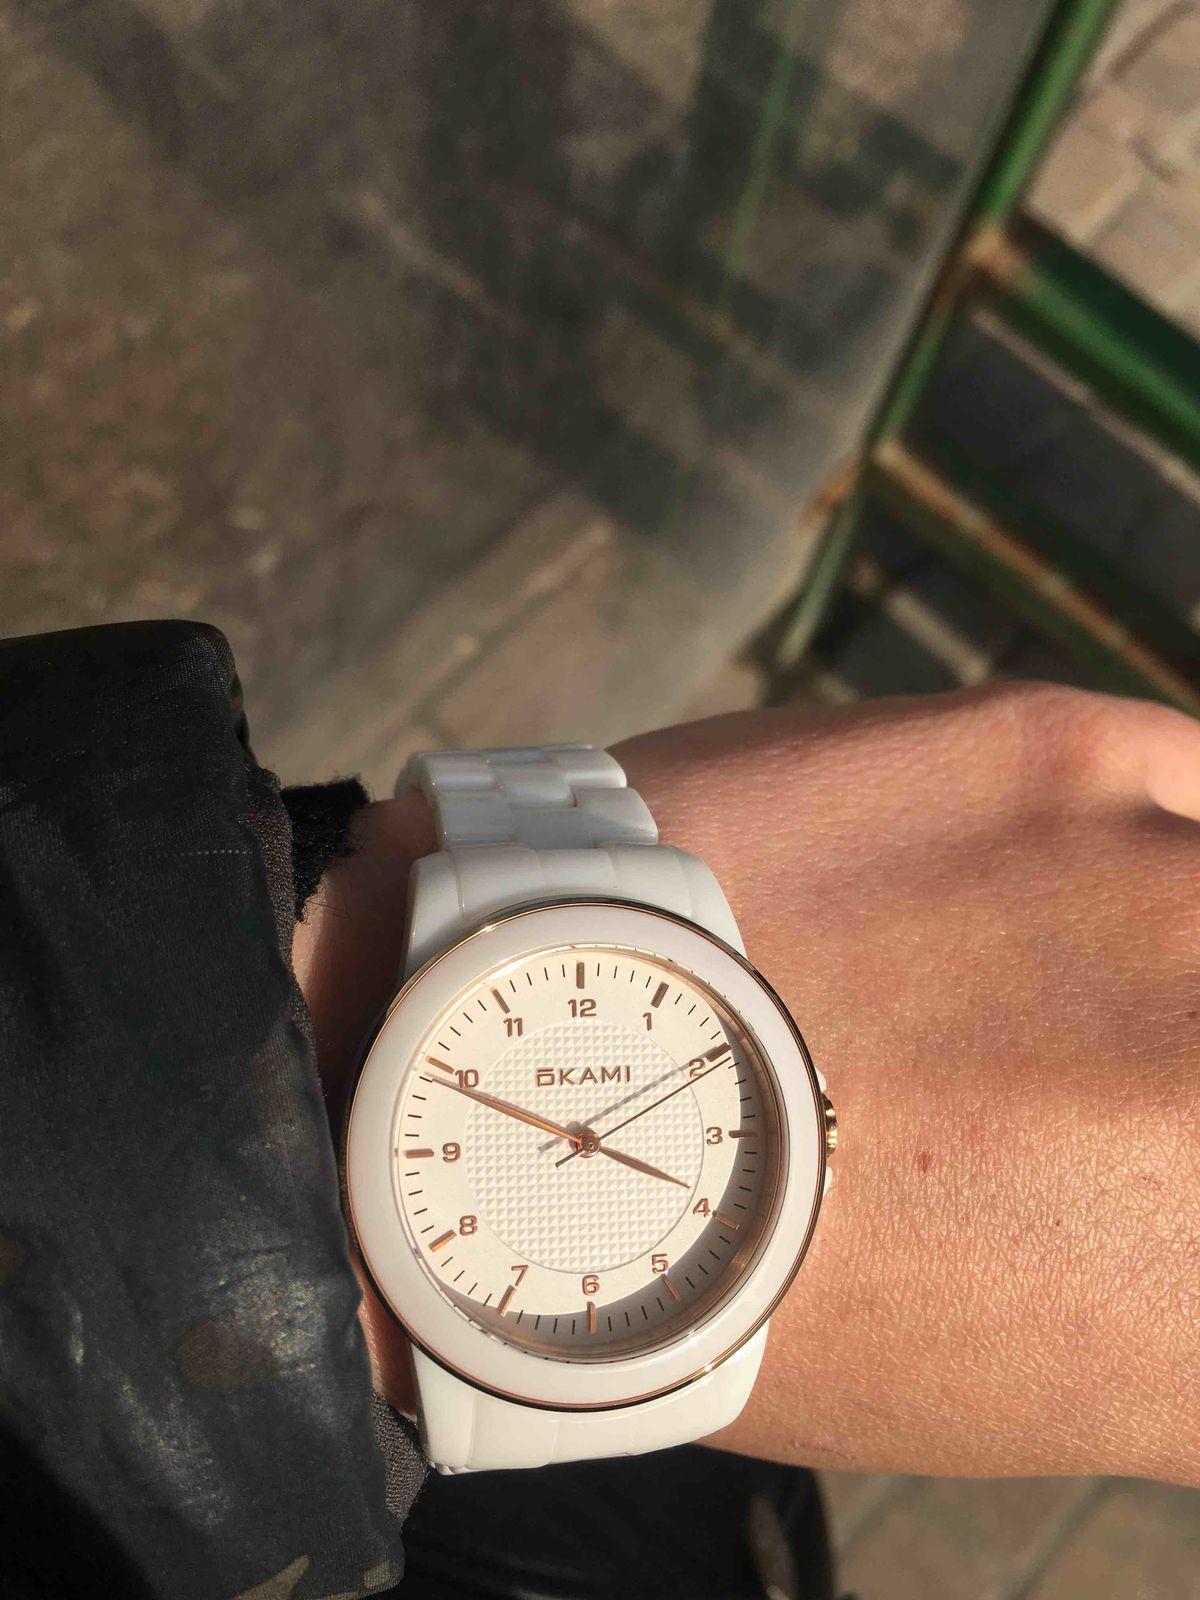 Купила часы, покупкой очень довольна